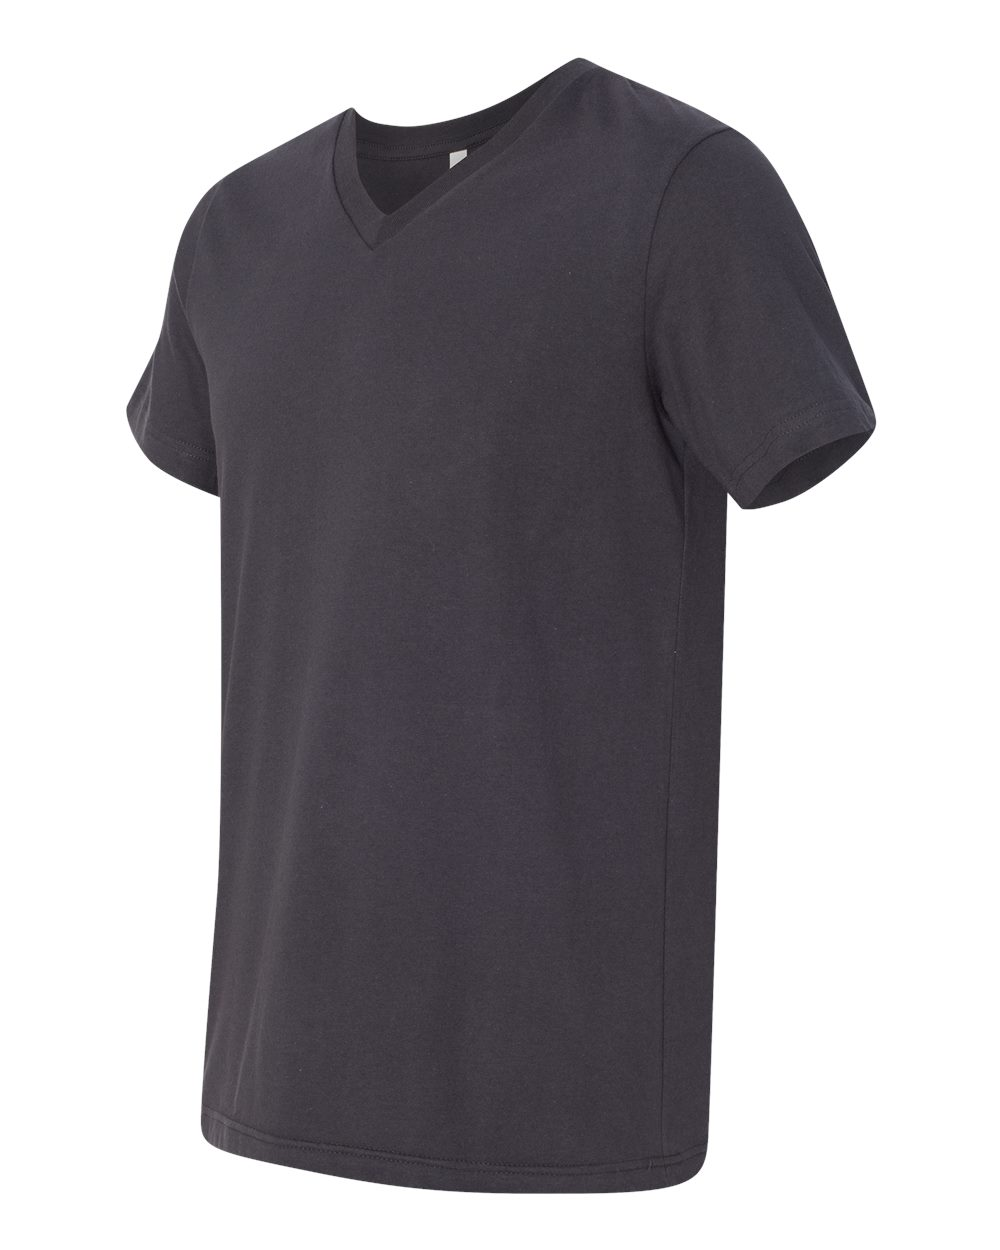 Bella-Canvas-Men-039-s-Jersey-Short-Sleeve-V-Neck-T-Shirt-3005-XS-3XL thumbnail 115